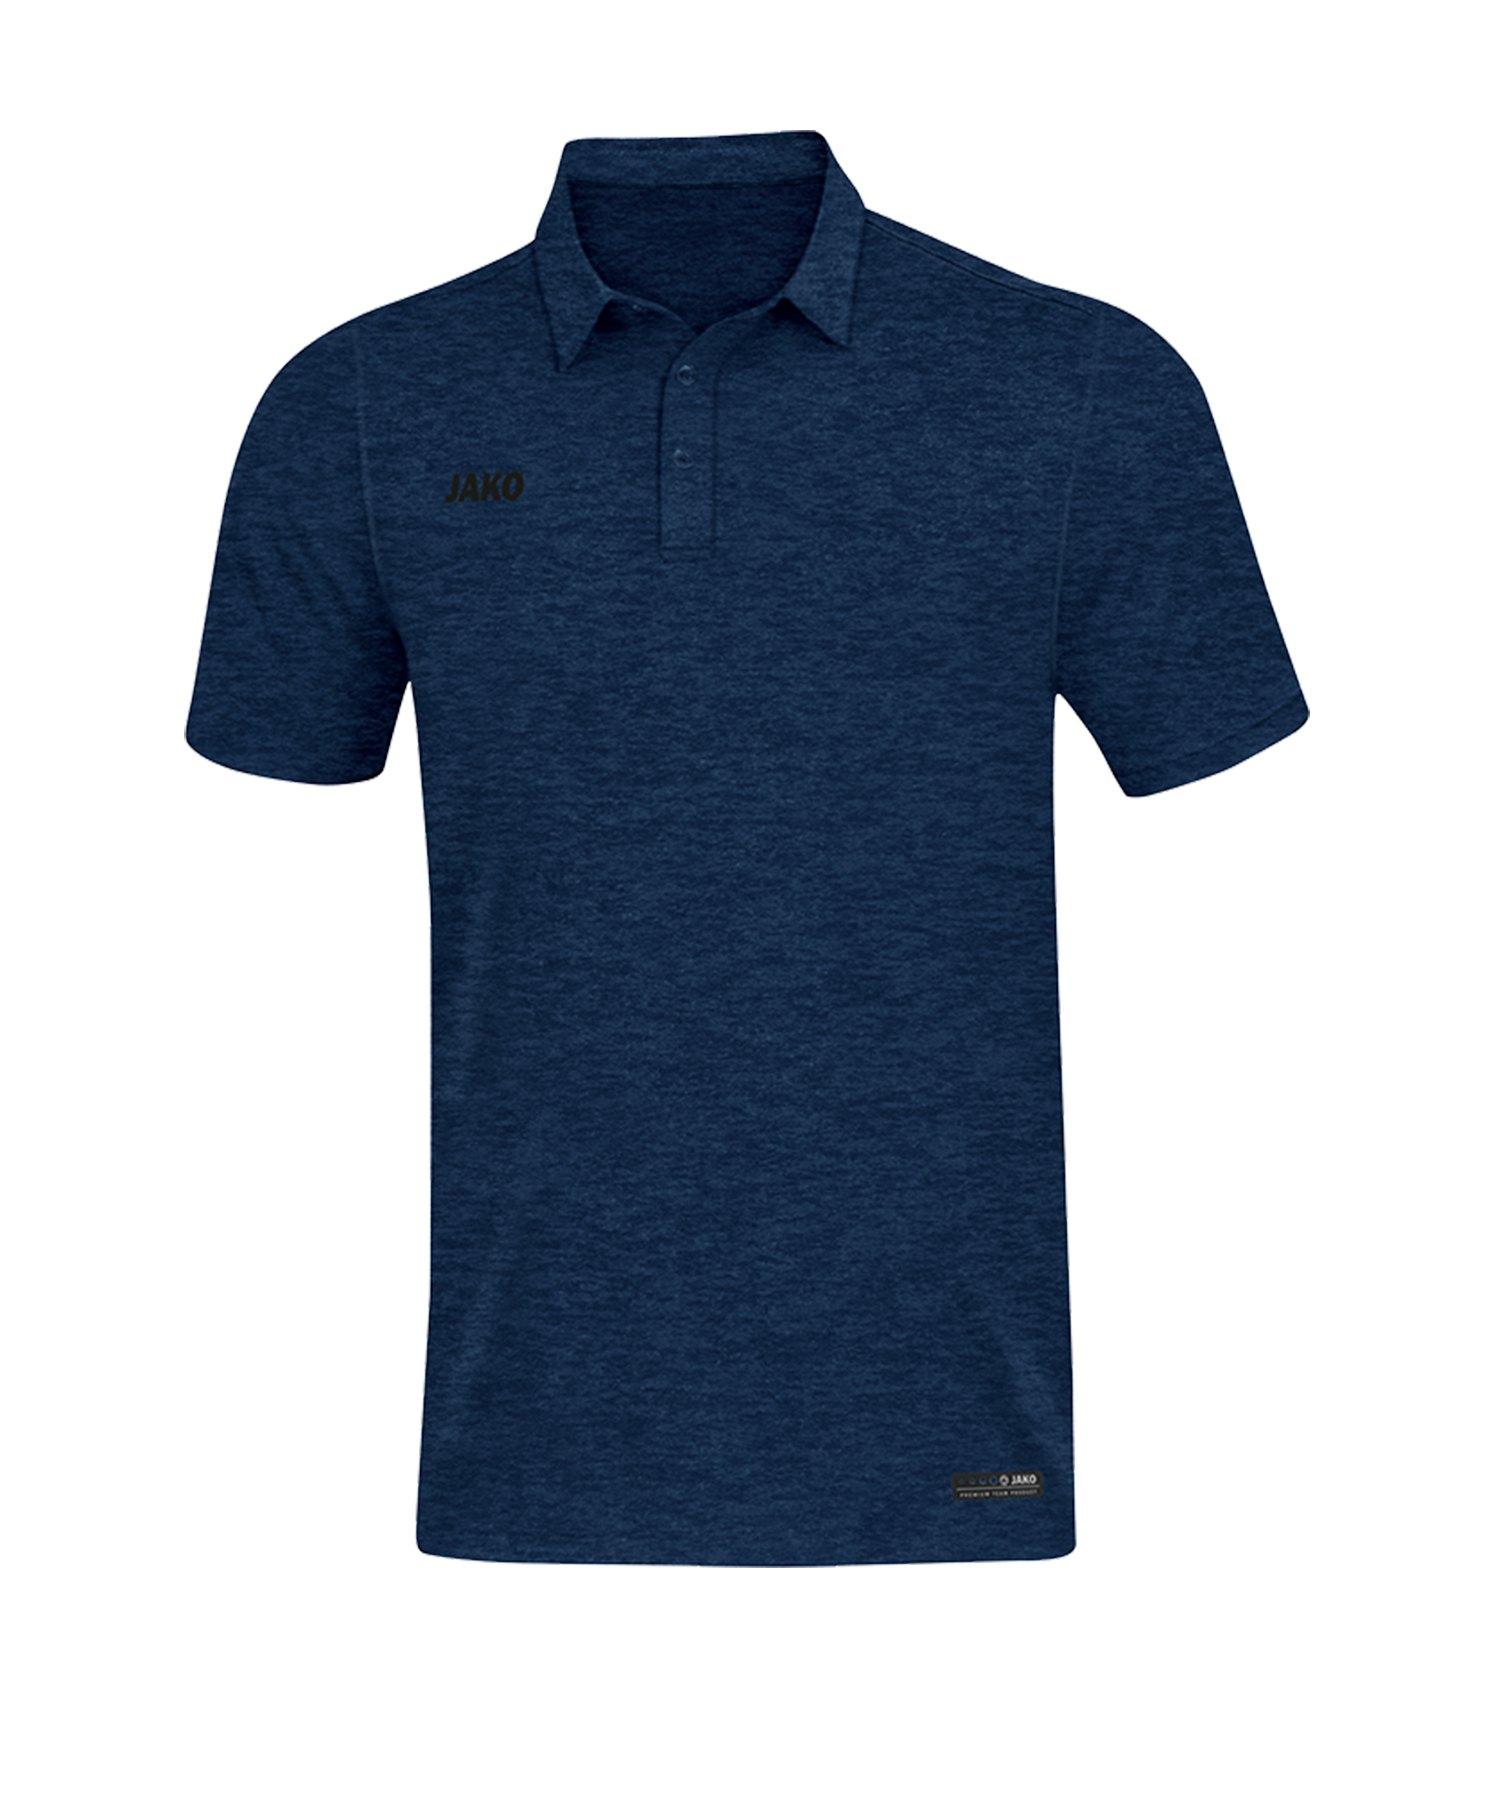 Jako Premium Basics Poloshirt Blau F49 - Blau